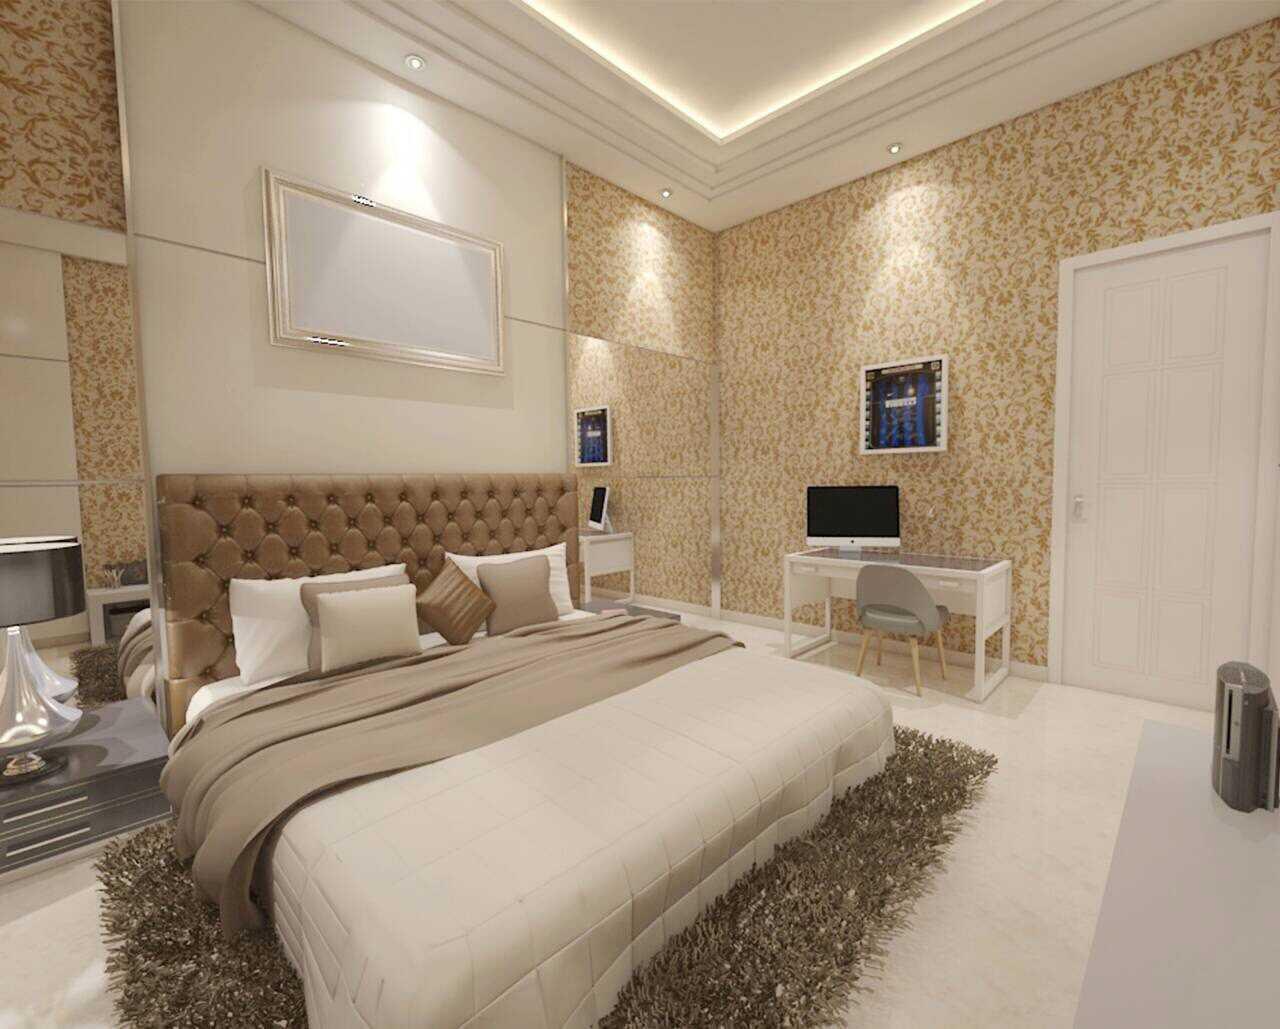 1030+ Gambar Desain Kamar Tidur Jawa HD Gratid Untuk Di Contoh